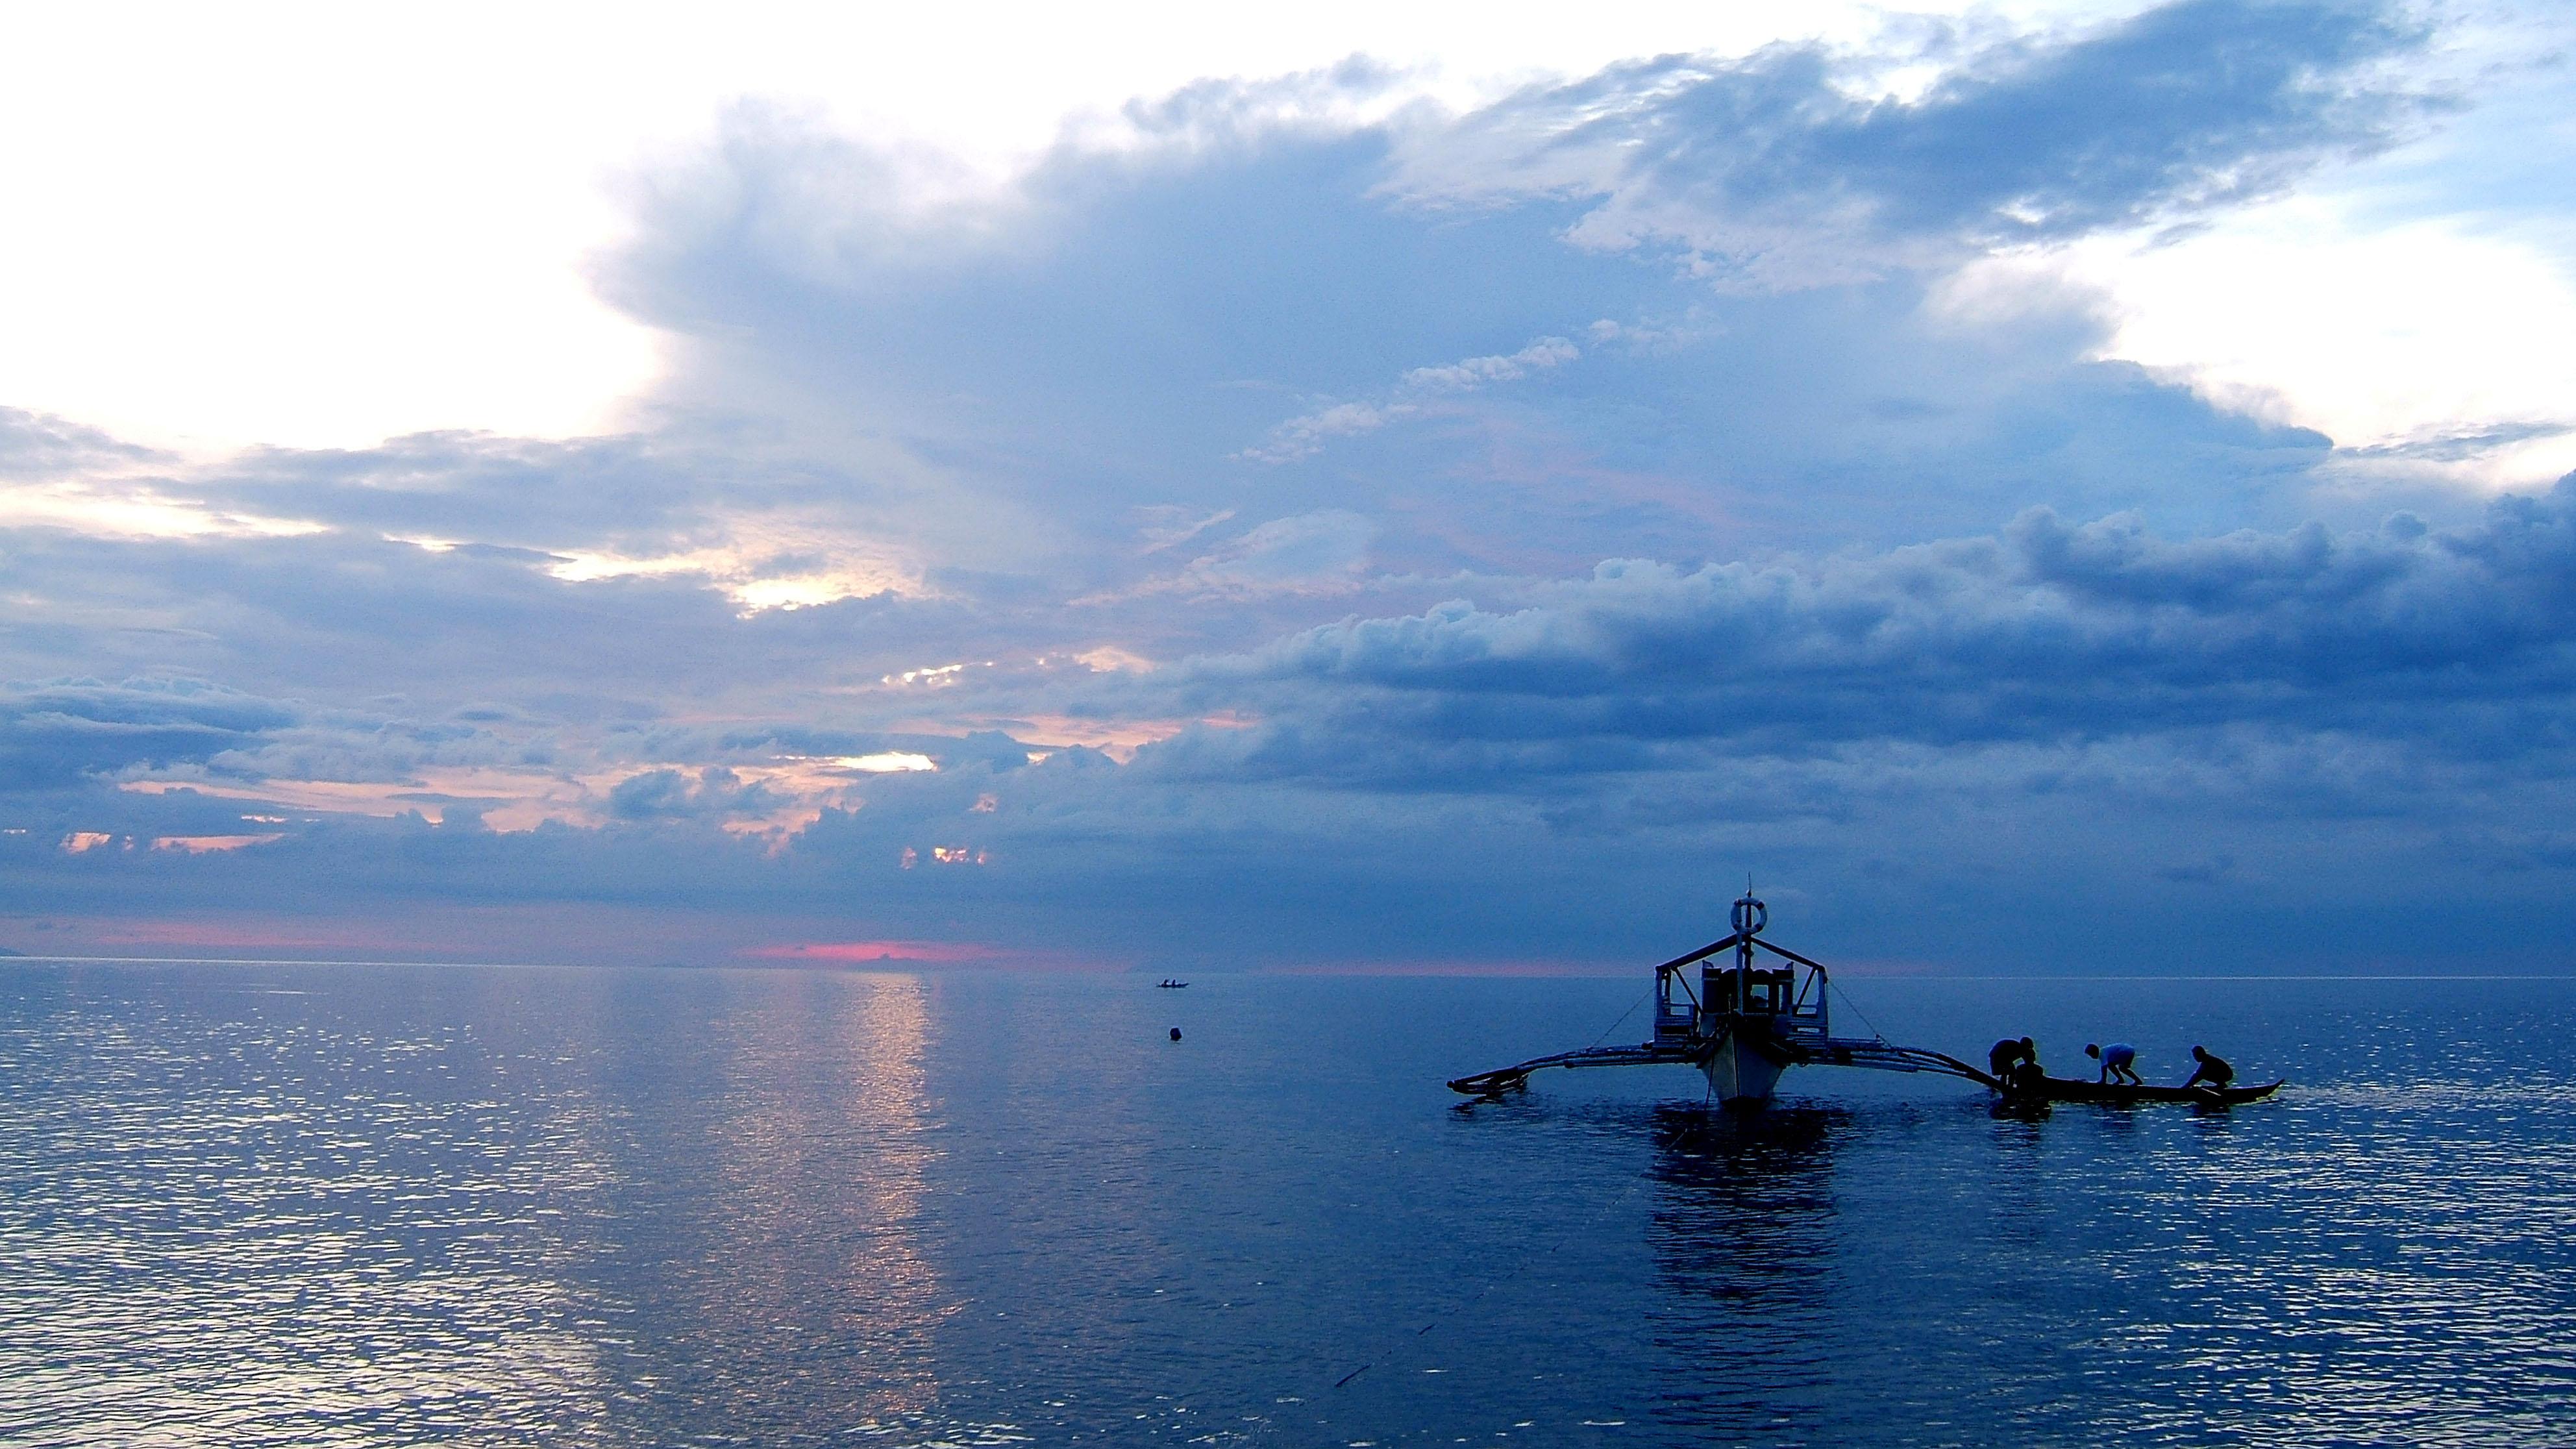 Sunset Philippines Mindoro White Beach 05